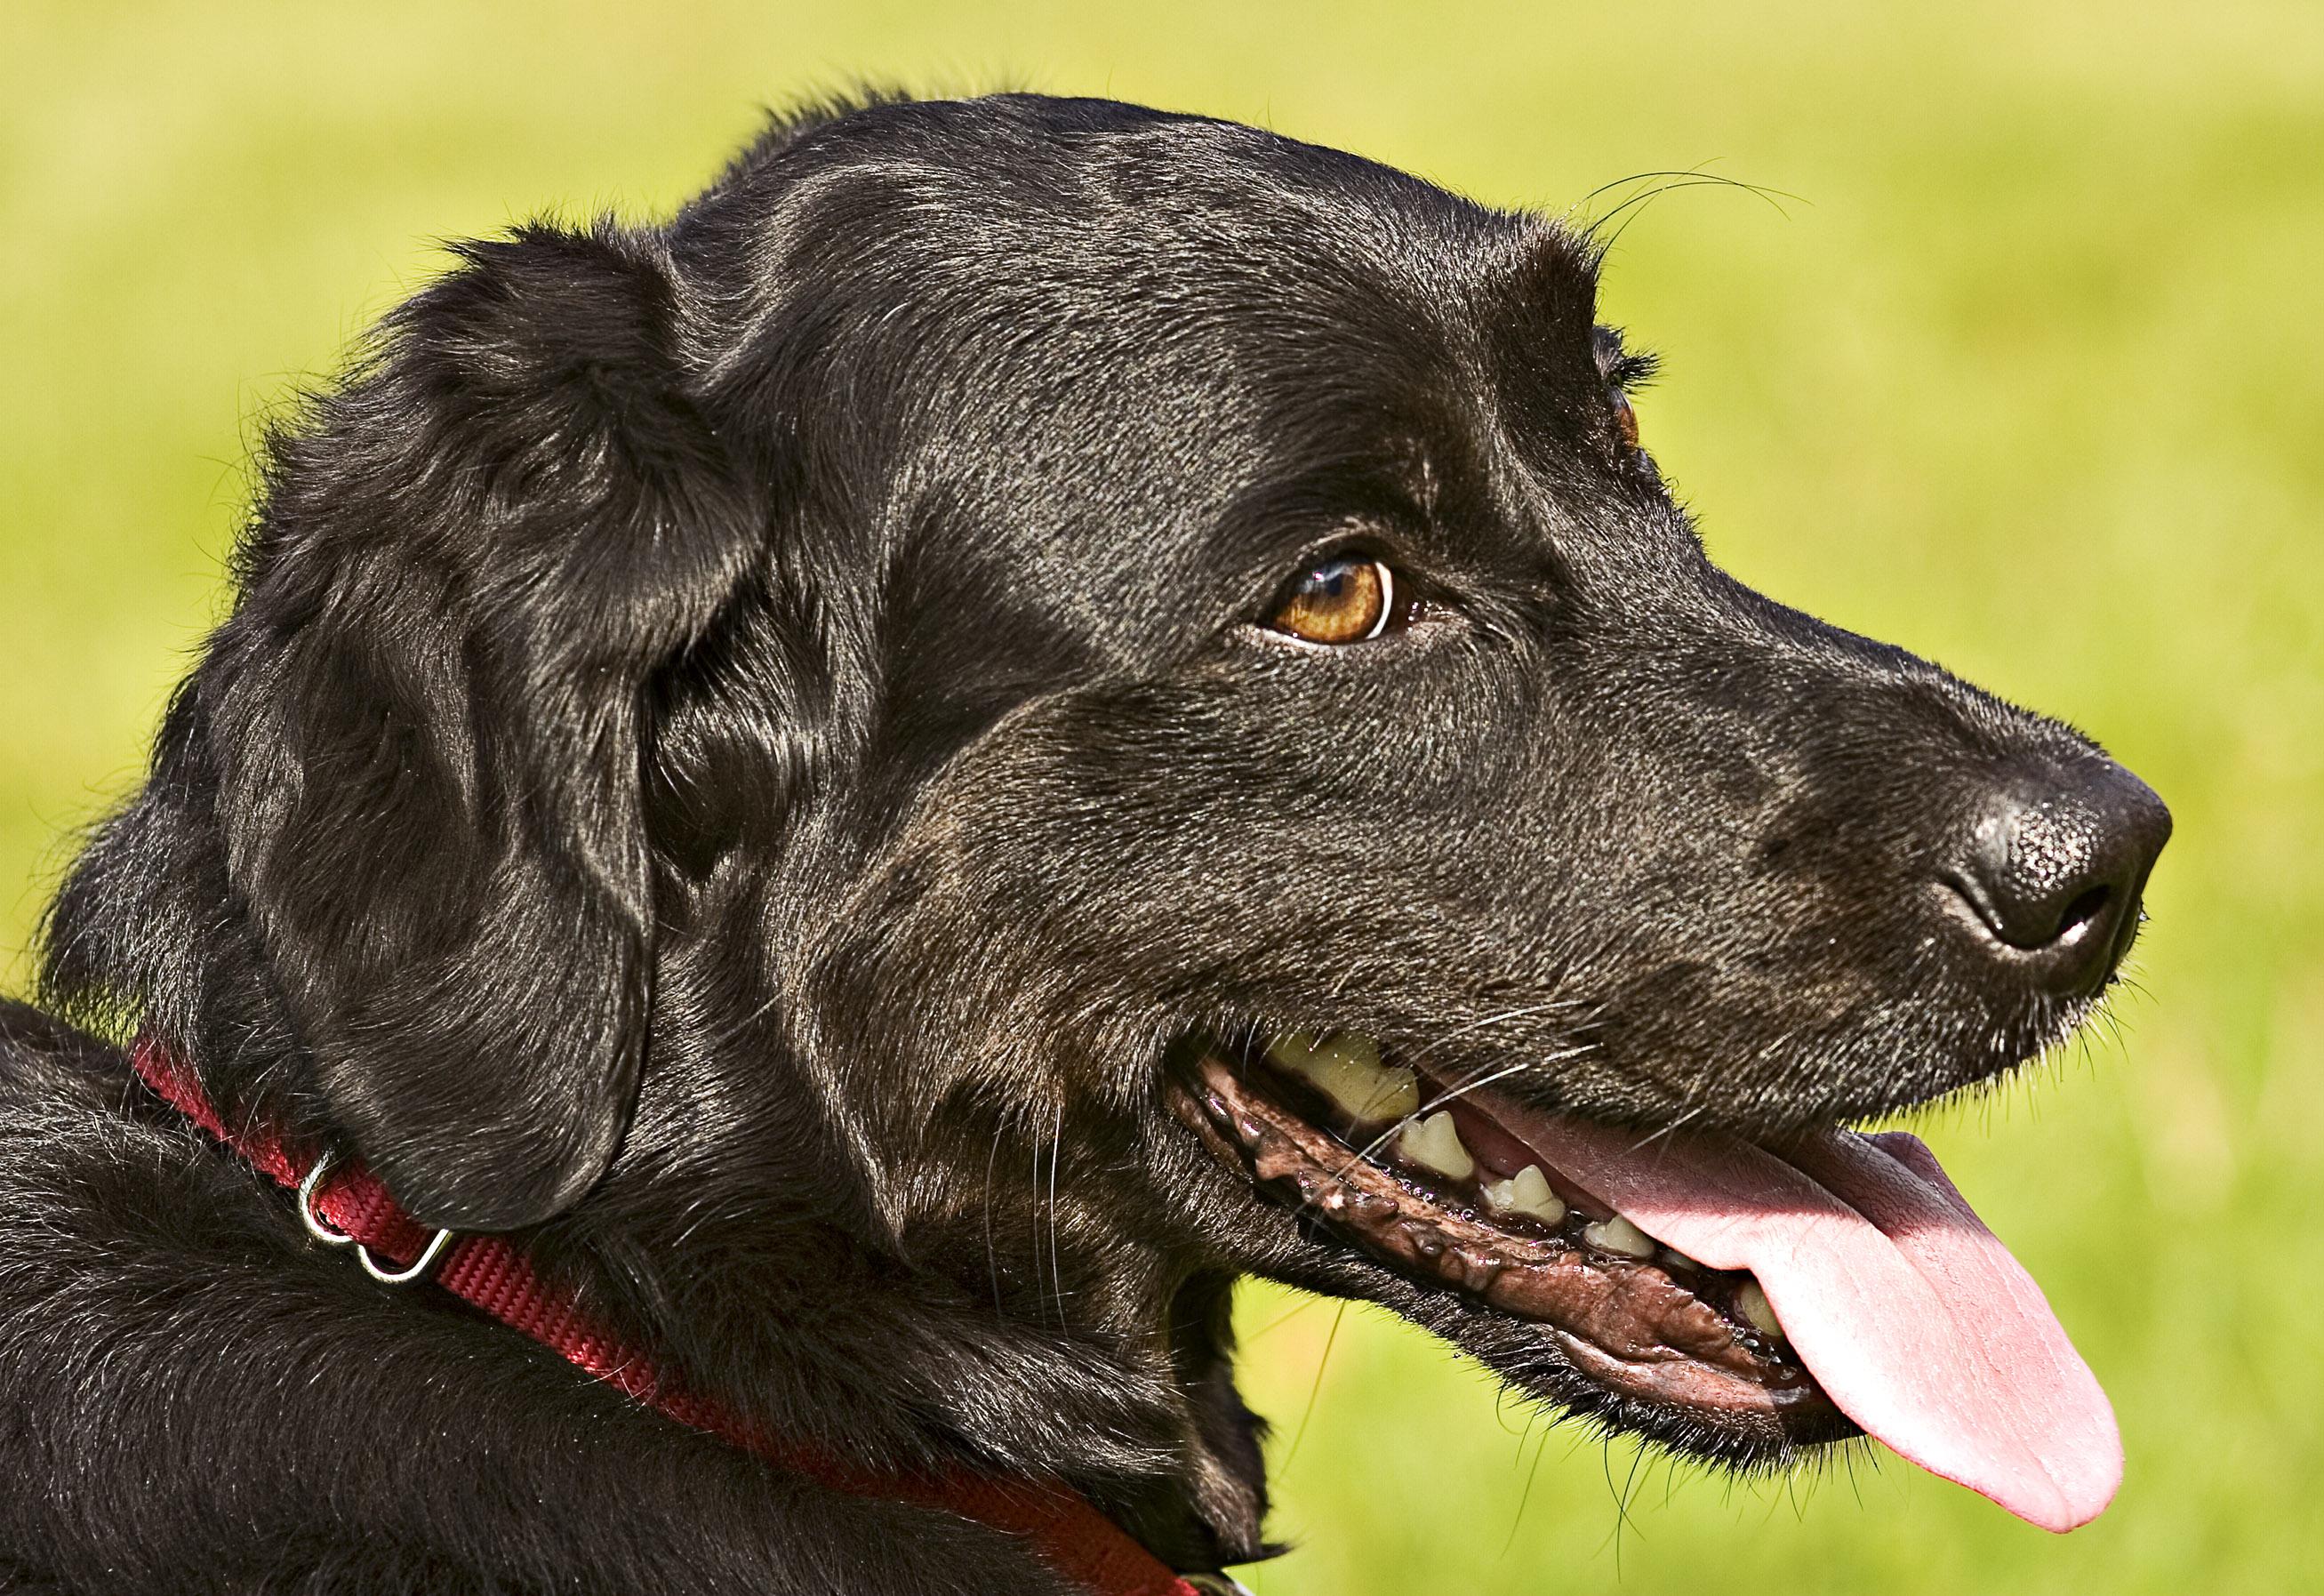 File:Dog head.jpg - Wikimedia Commons